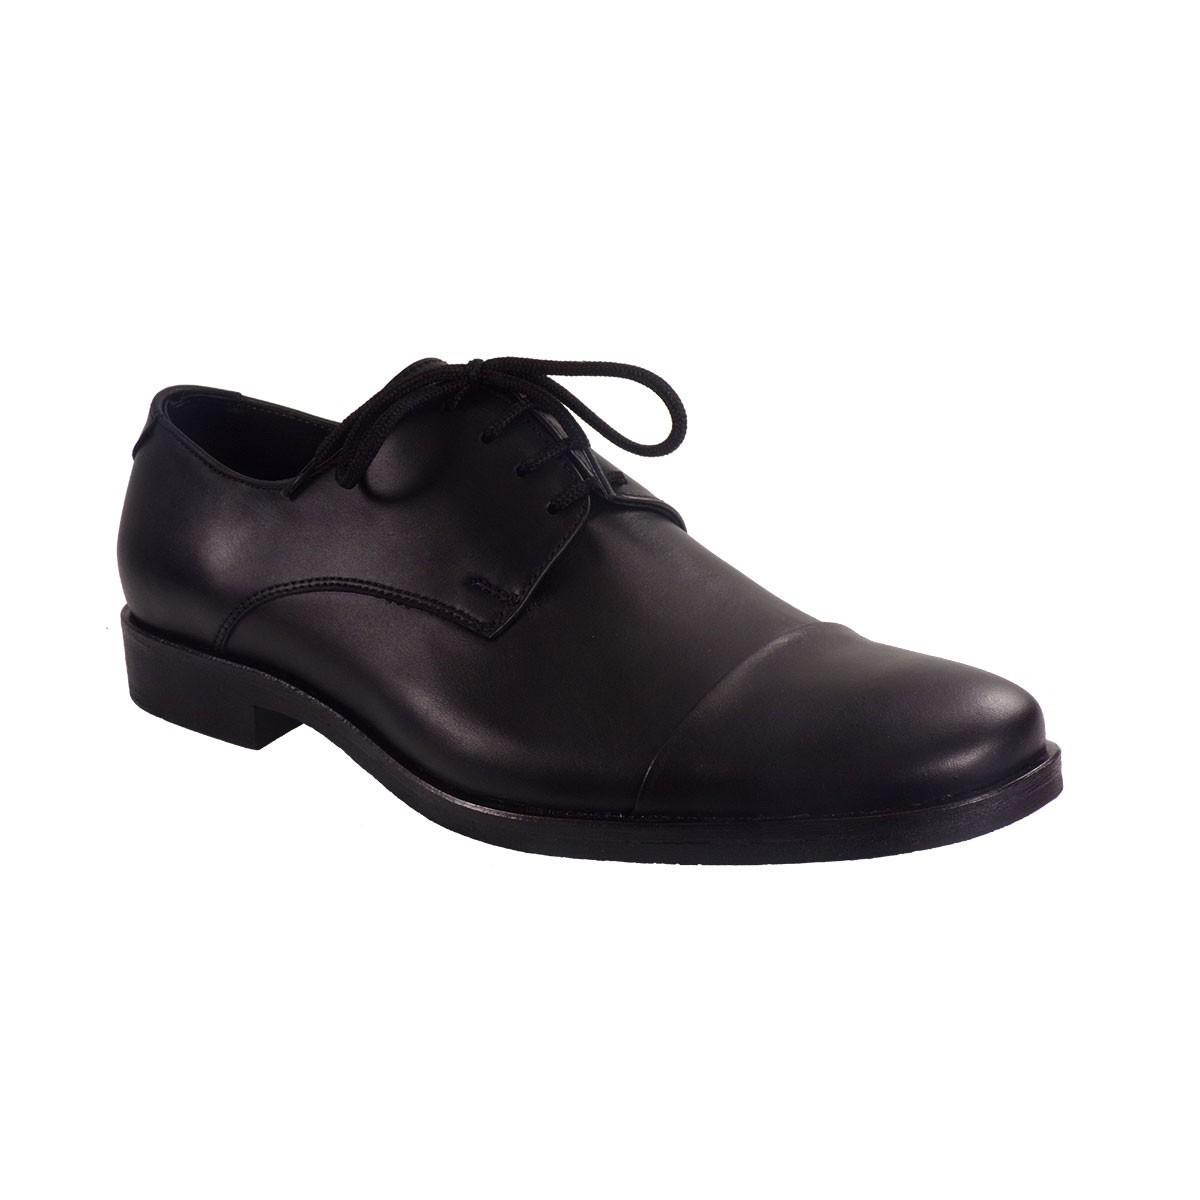 Vero Shoes Παπούτσια Αντρικά 3 Μαύρο Δέρμα